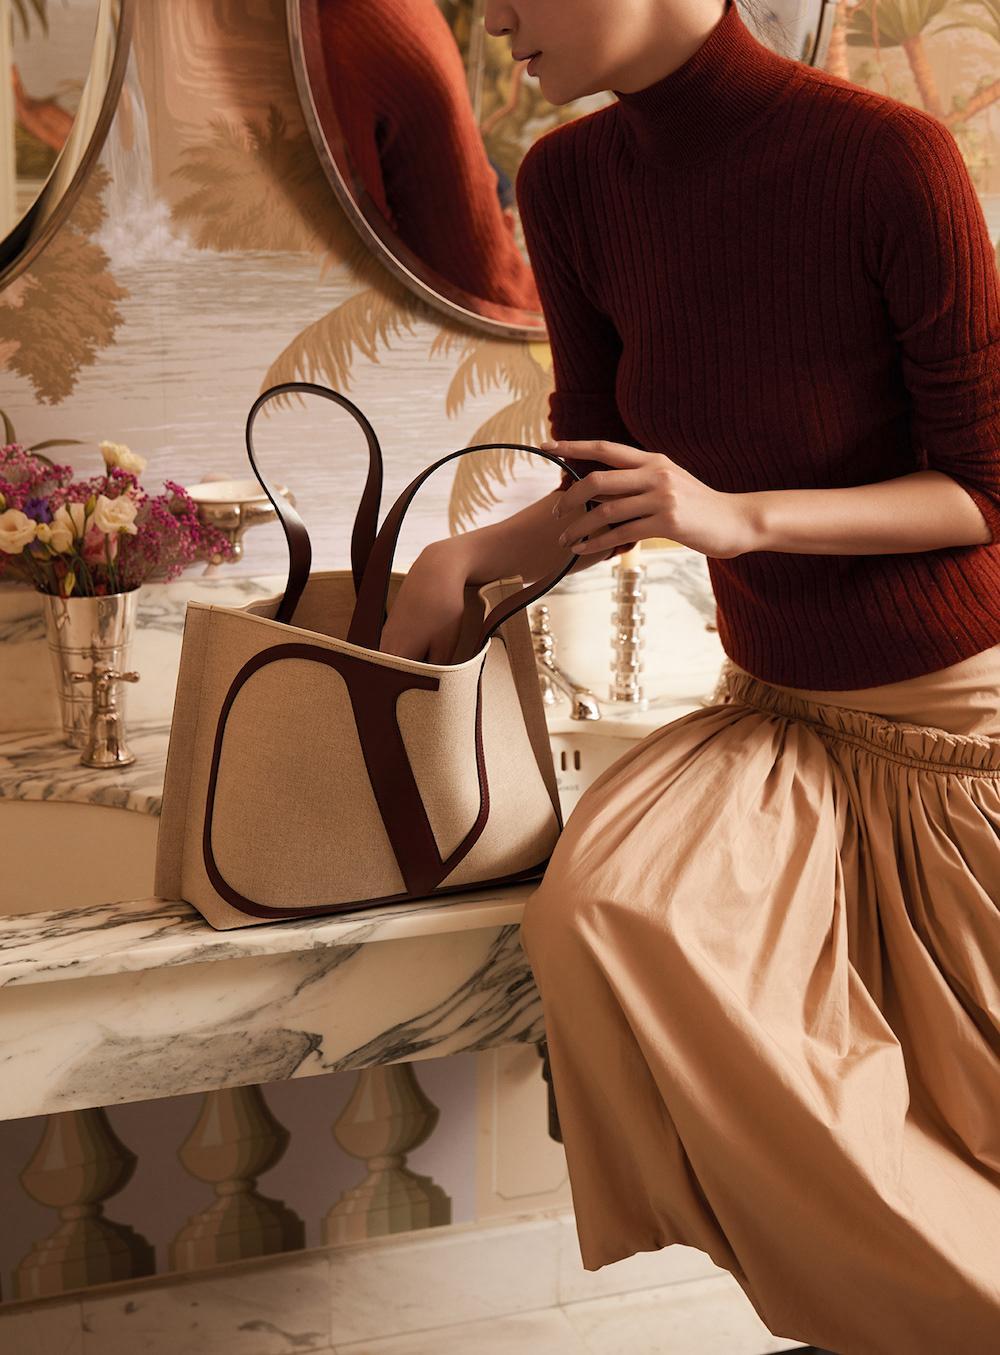 Stylish beige handbag for elegant style for spring-summer season